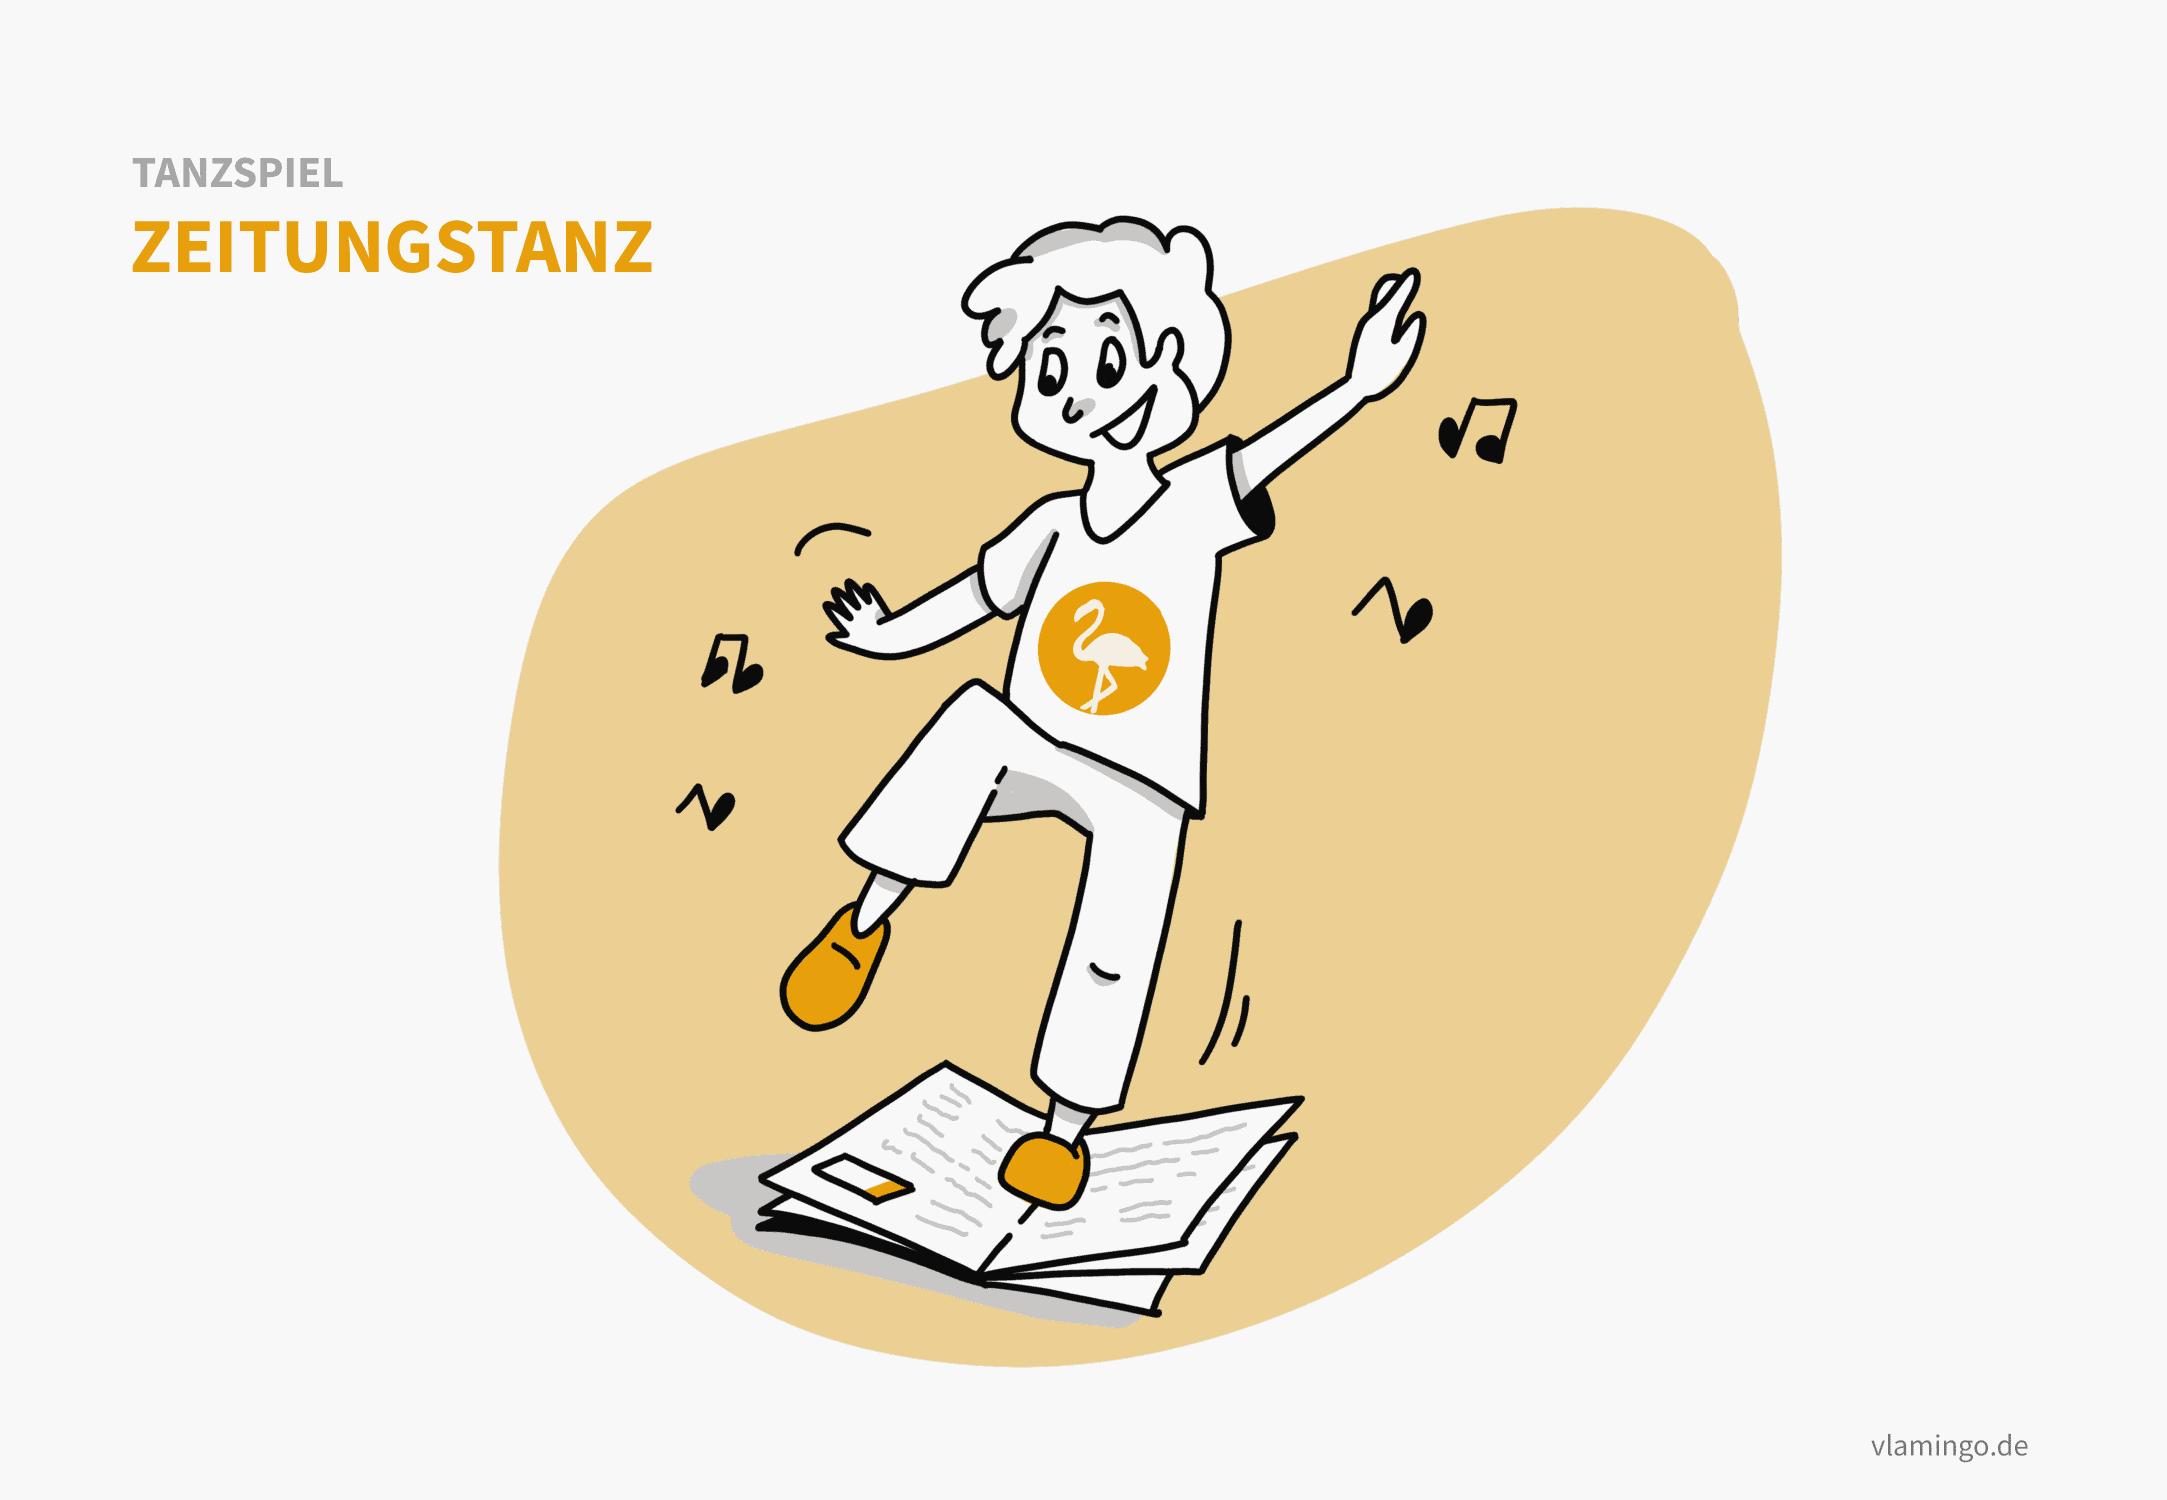 Tanzspiel - Zeitungstanz